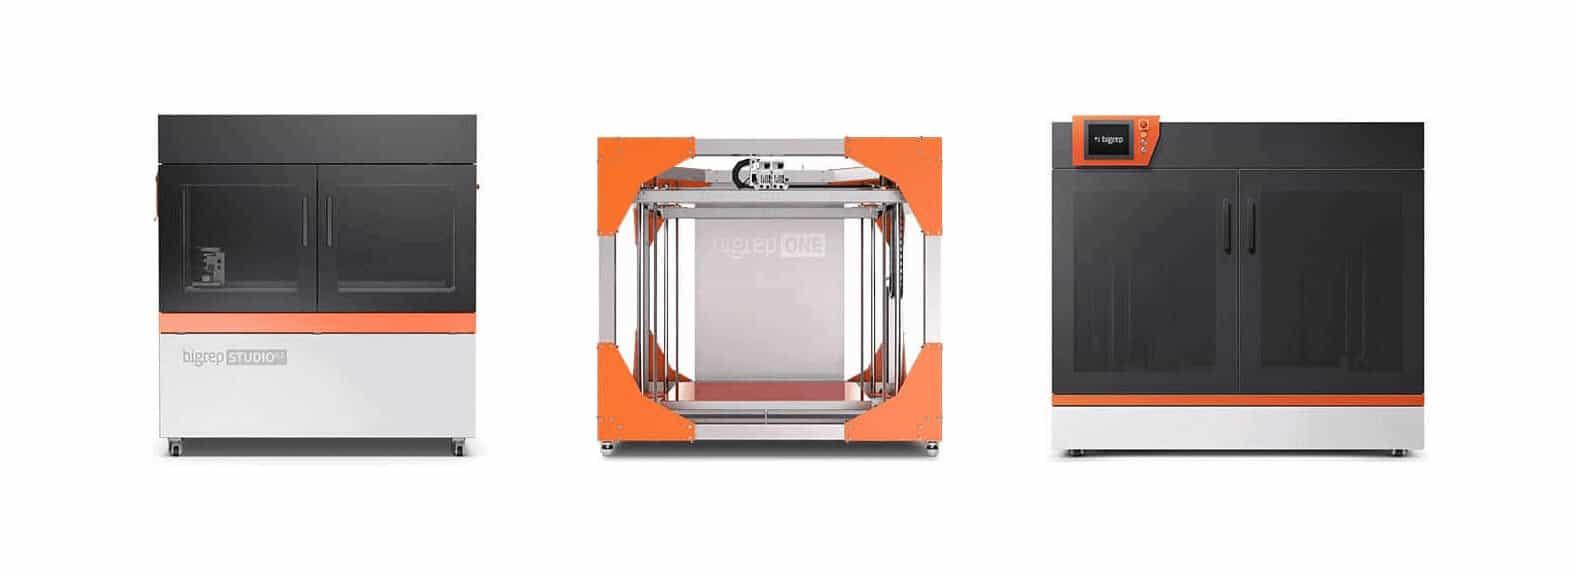 BigRep-Printers-Family-R-1